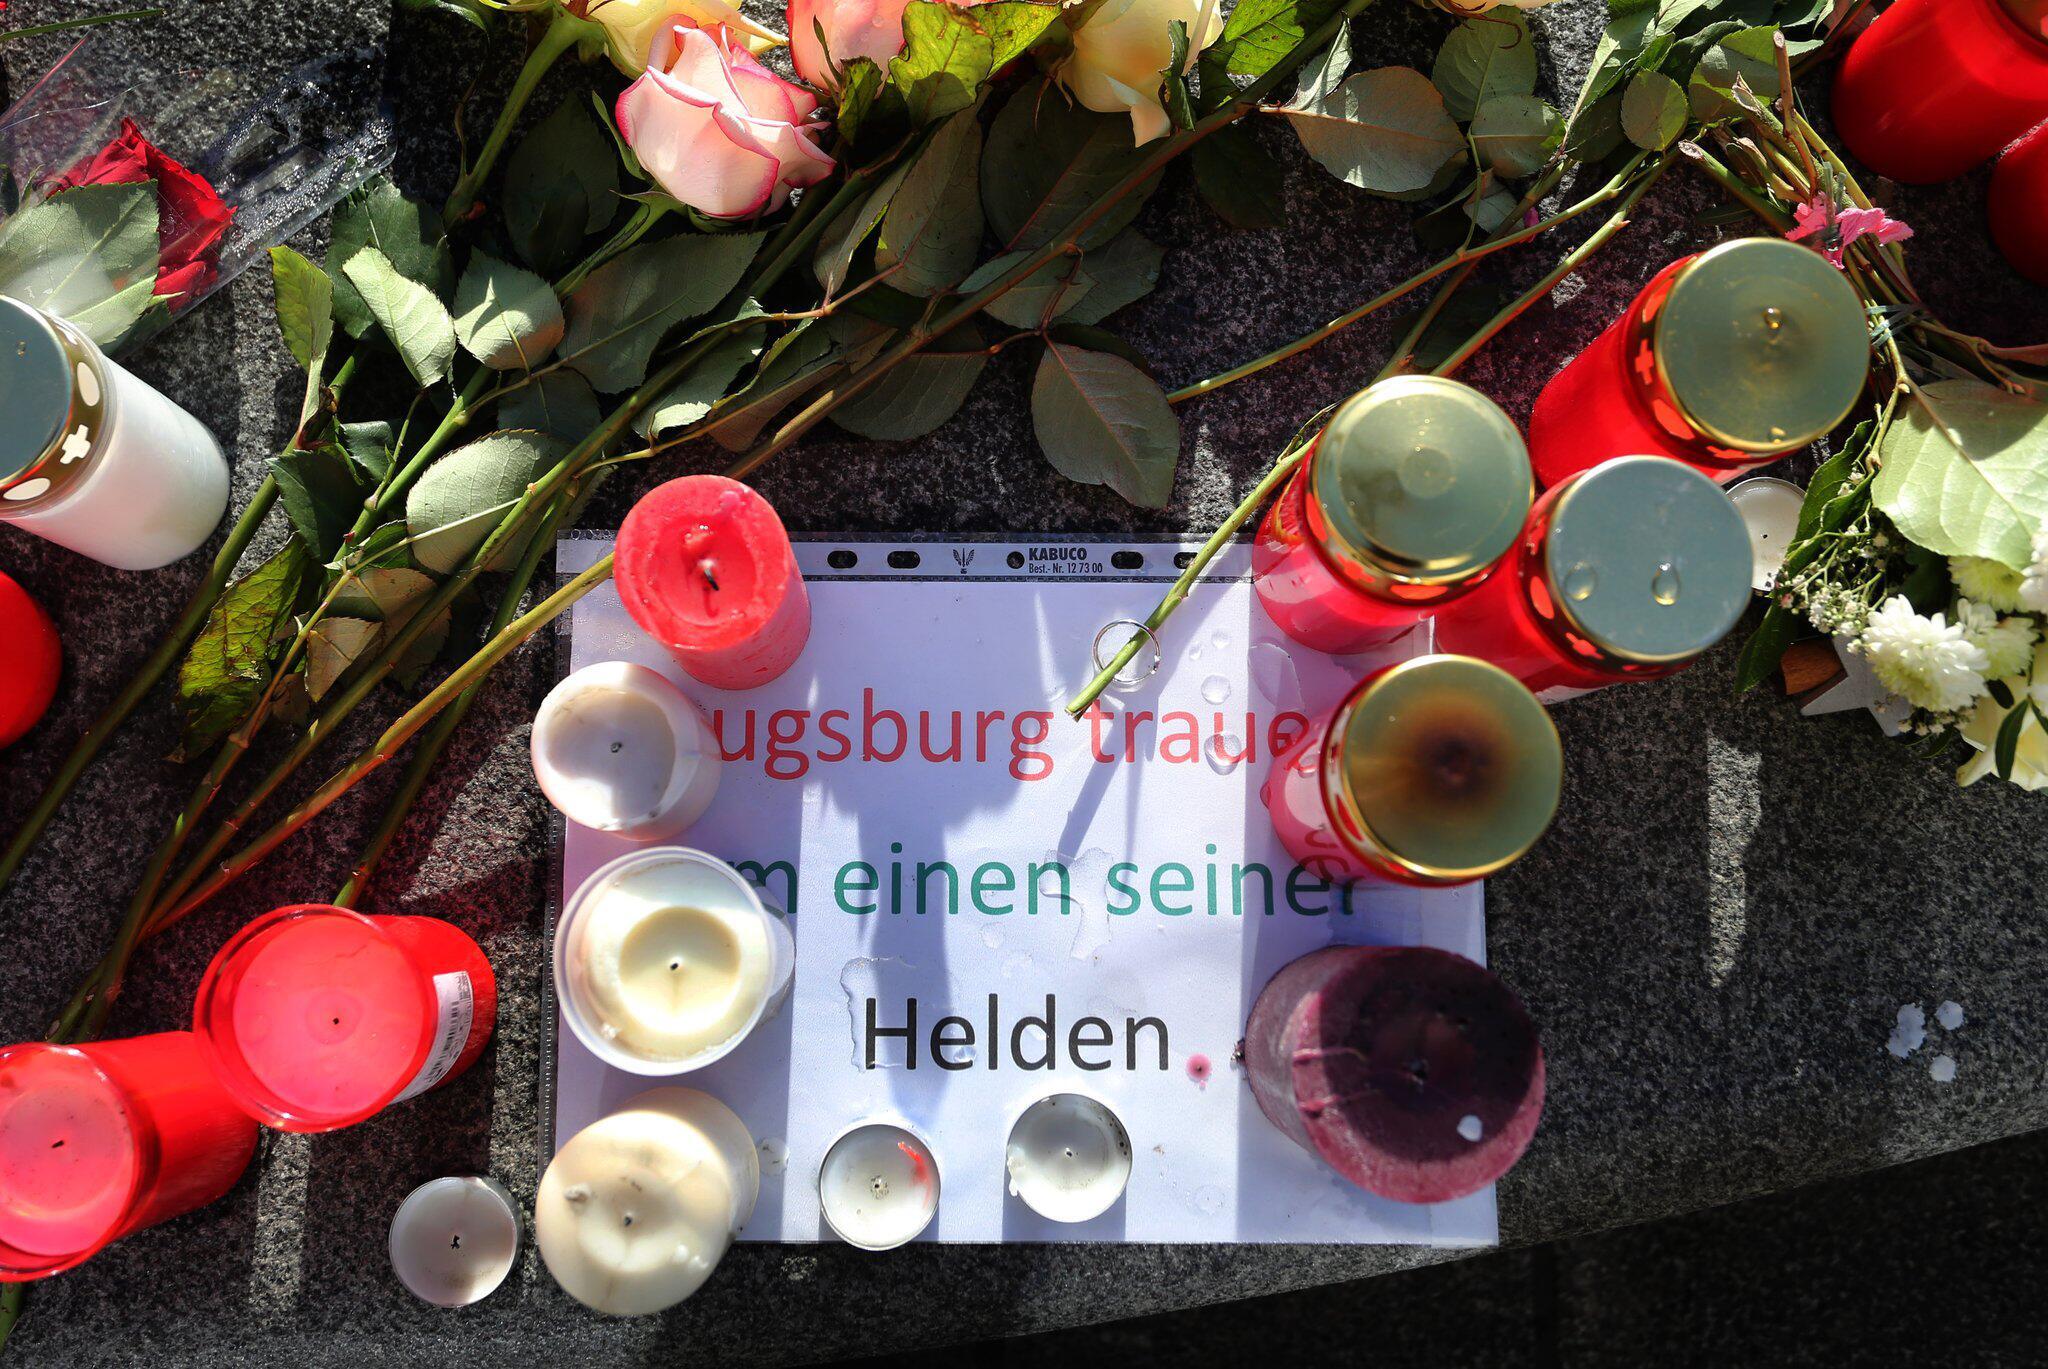 Bild zu Trauer am Königsplatz in Augsburg